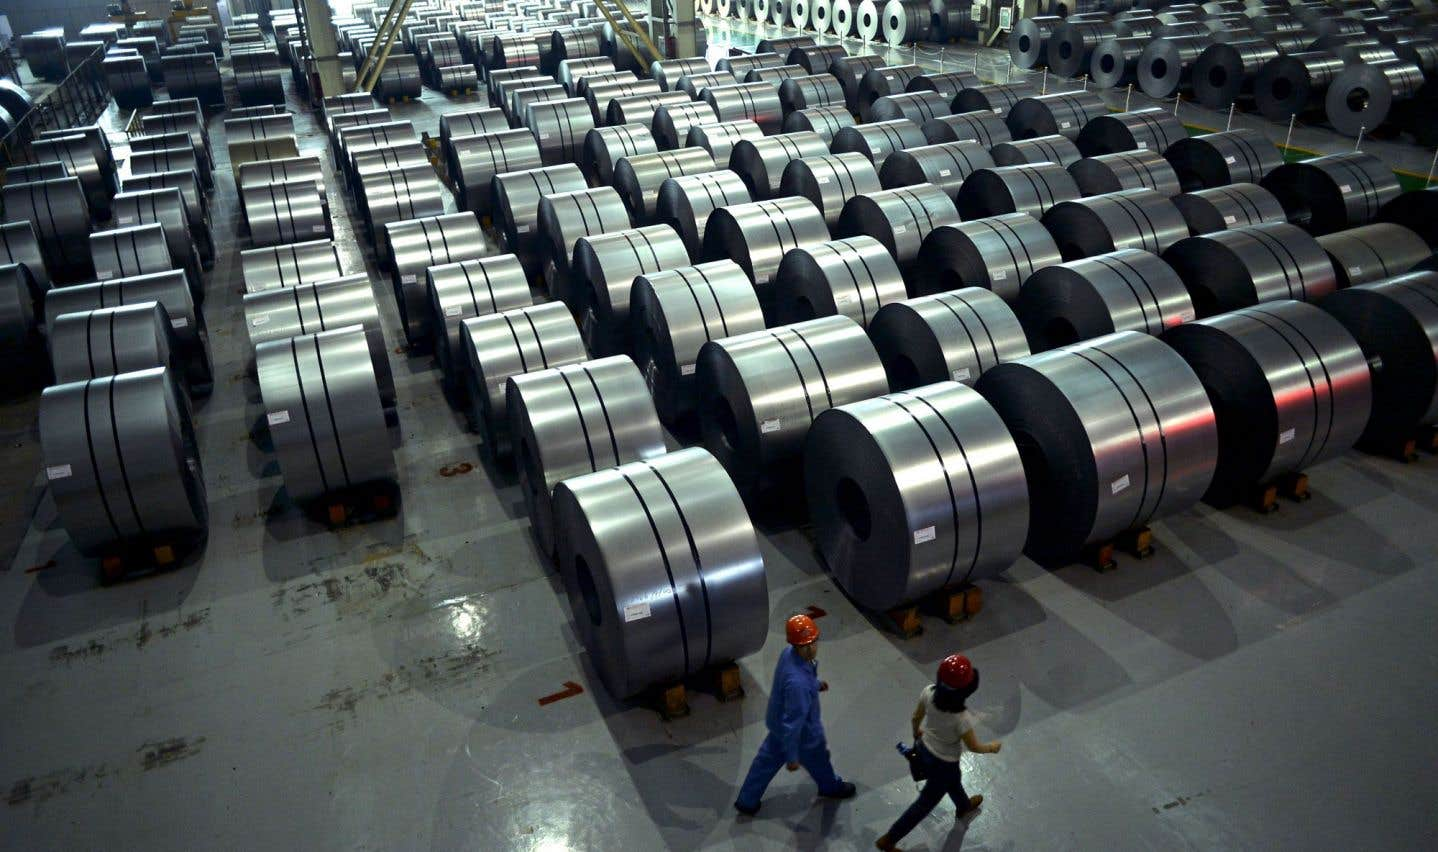 Un entrepôt de feuilles d'acier roulées à Handan, en Chine. Ce pays dispose d'un énorme surplus d'acier qu'il écoule dans le monde en le vendant à des prix si bas qu'ils devraient être jugés illégaux, selon ArcelorMittal.